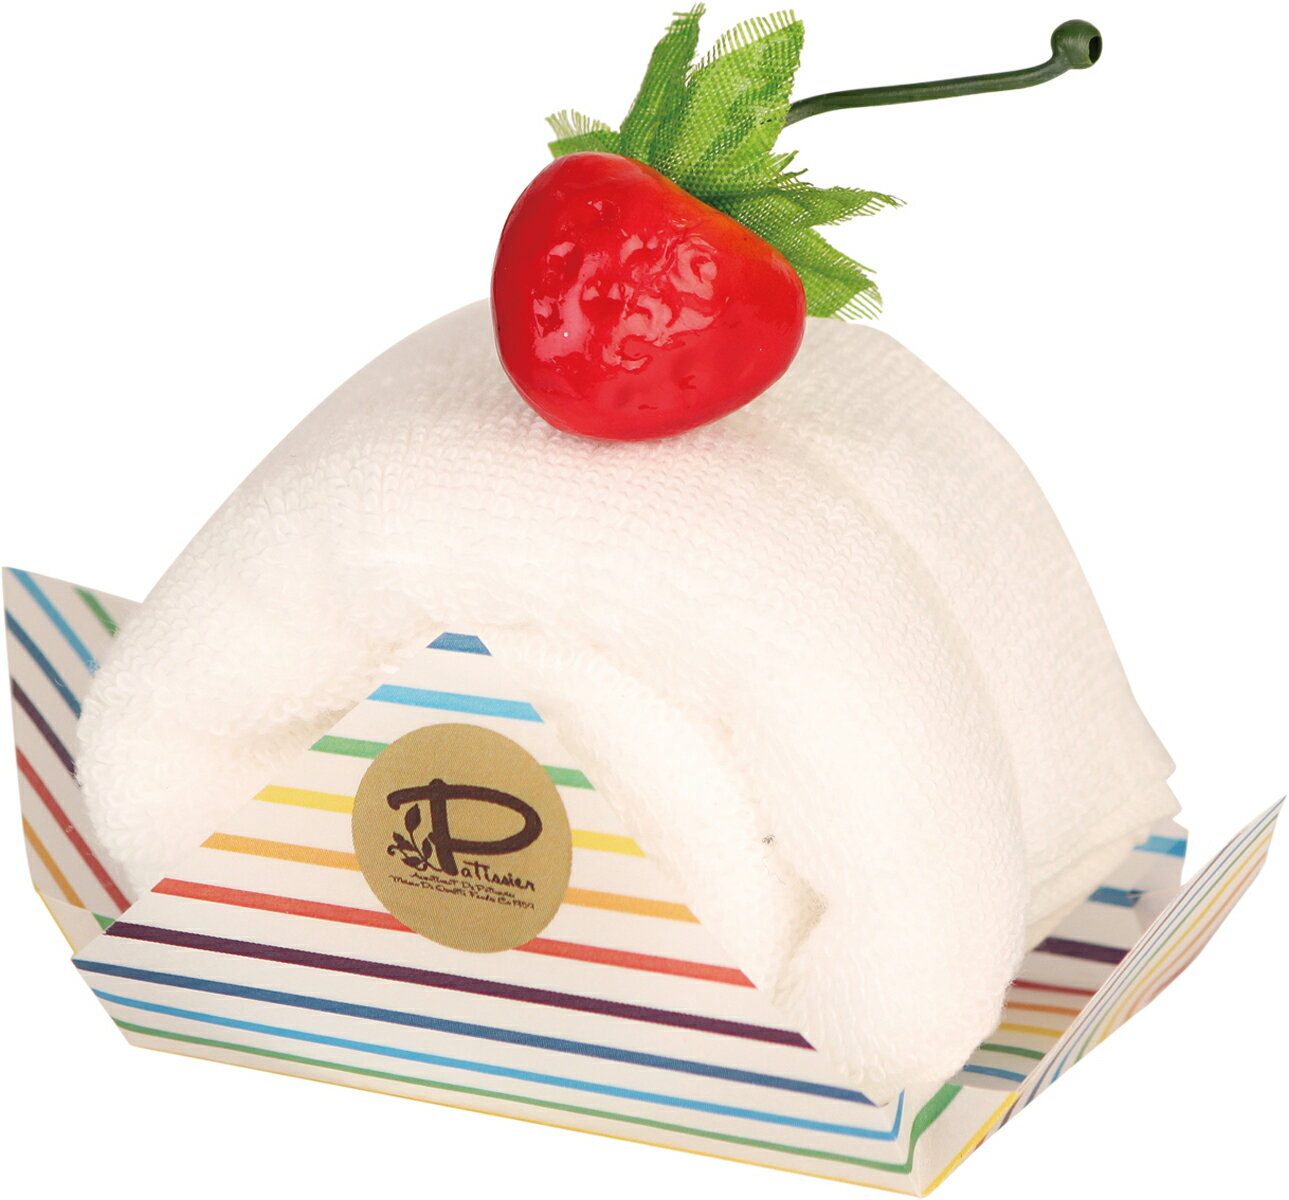 プレーリードッグ ロールケーキ バニラ LPSR-7046【あす楽対応】【今治タオル】【ケーキタオル】【上質な肌触り】【日本製】【タオルギフト】【プチギフト】【簡易ラッピング済】 見た目に美味しく、貰って嬉しいタオルギフト。 お返しにぴったりのプチギフト。